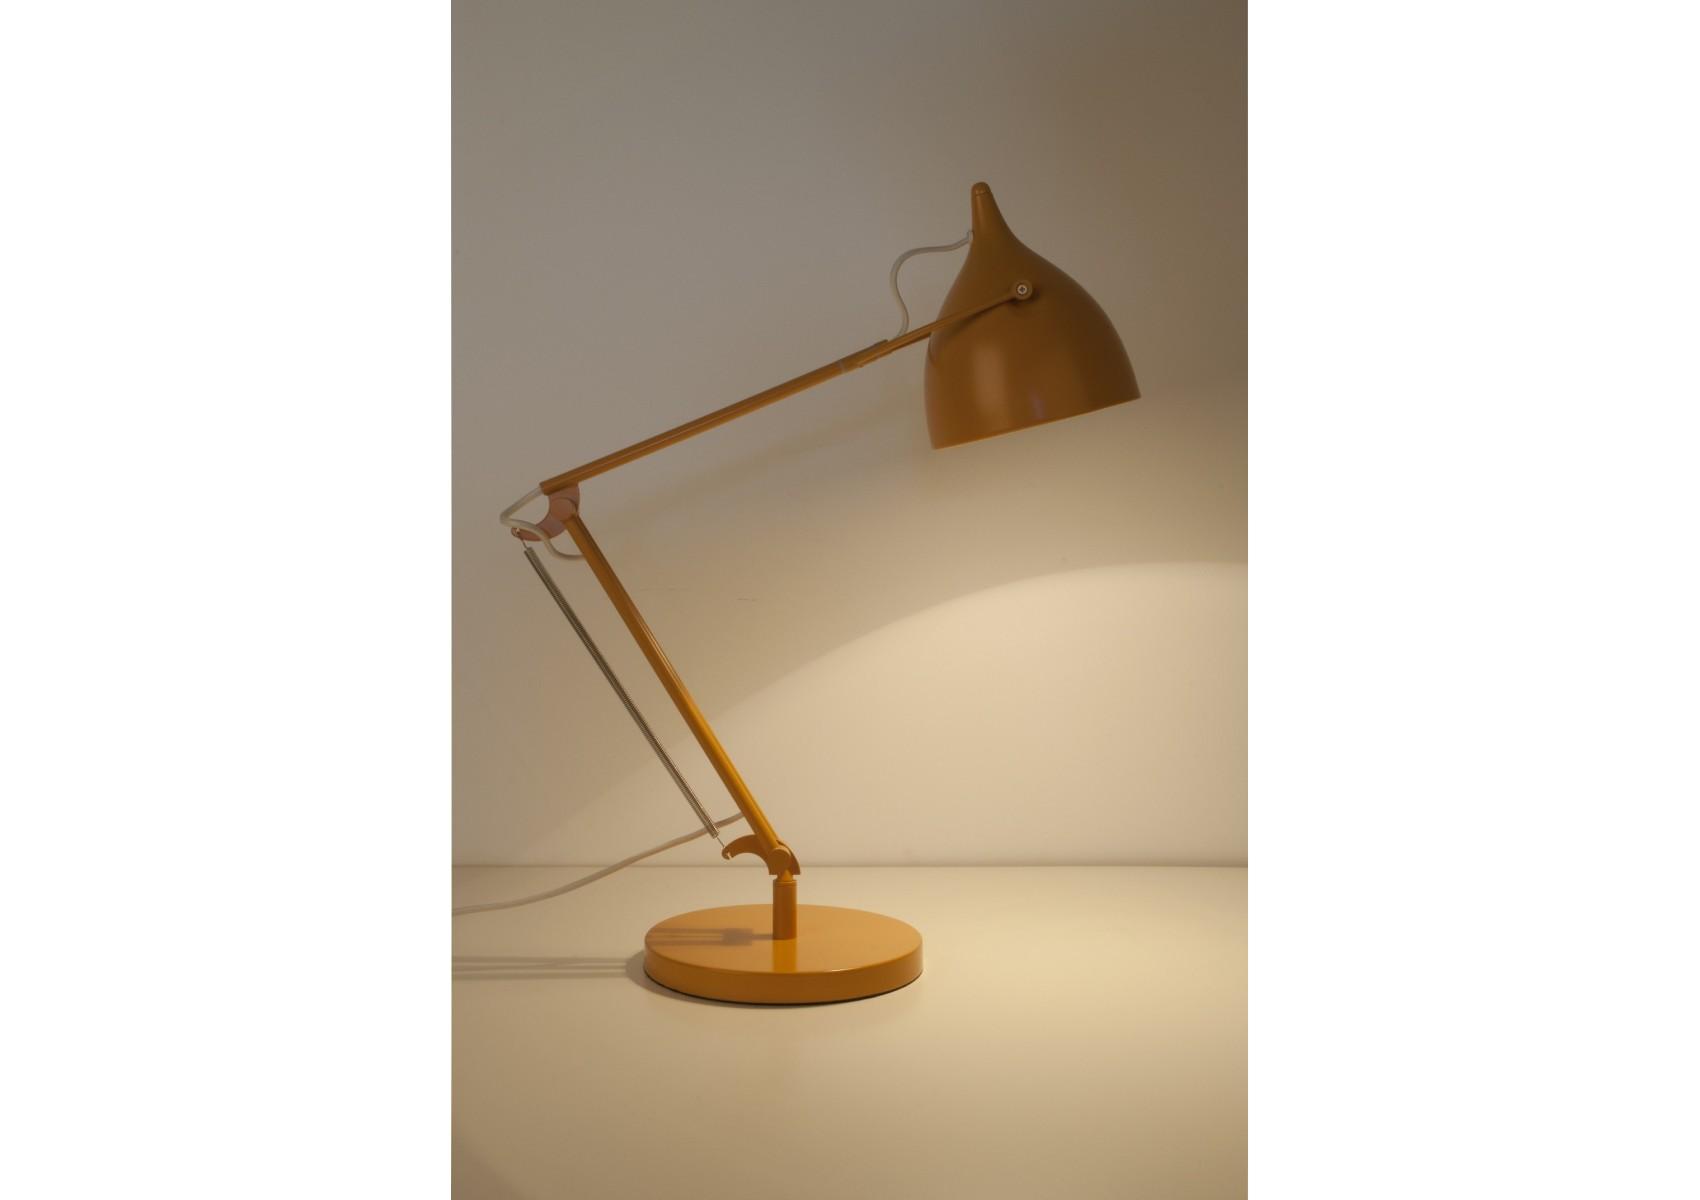 lampe design reader deco zuiver boite design. Black Bedroom Furniture Sets. Home Design Ideas